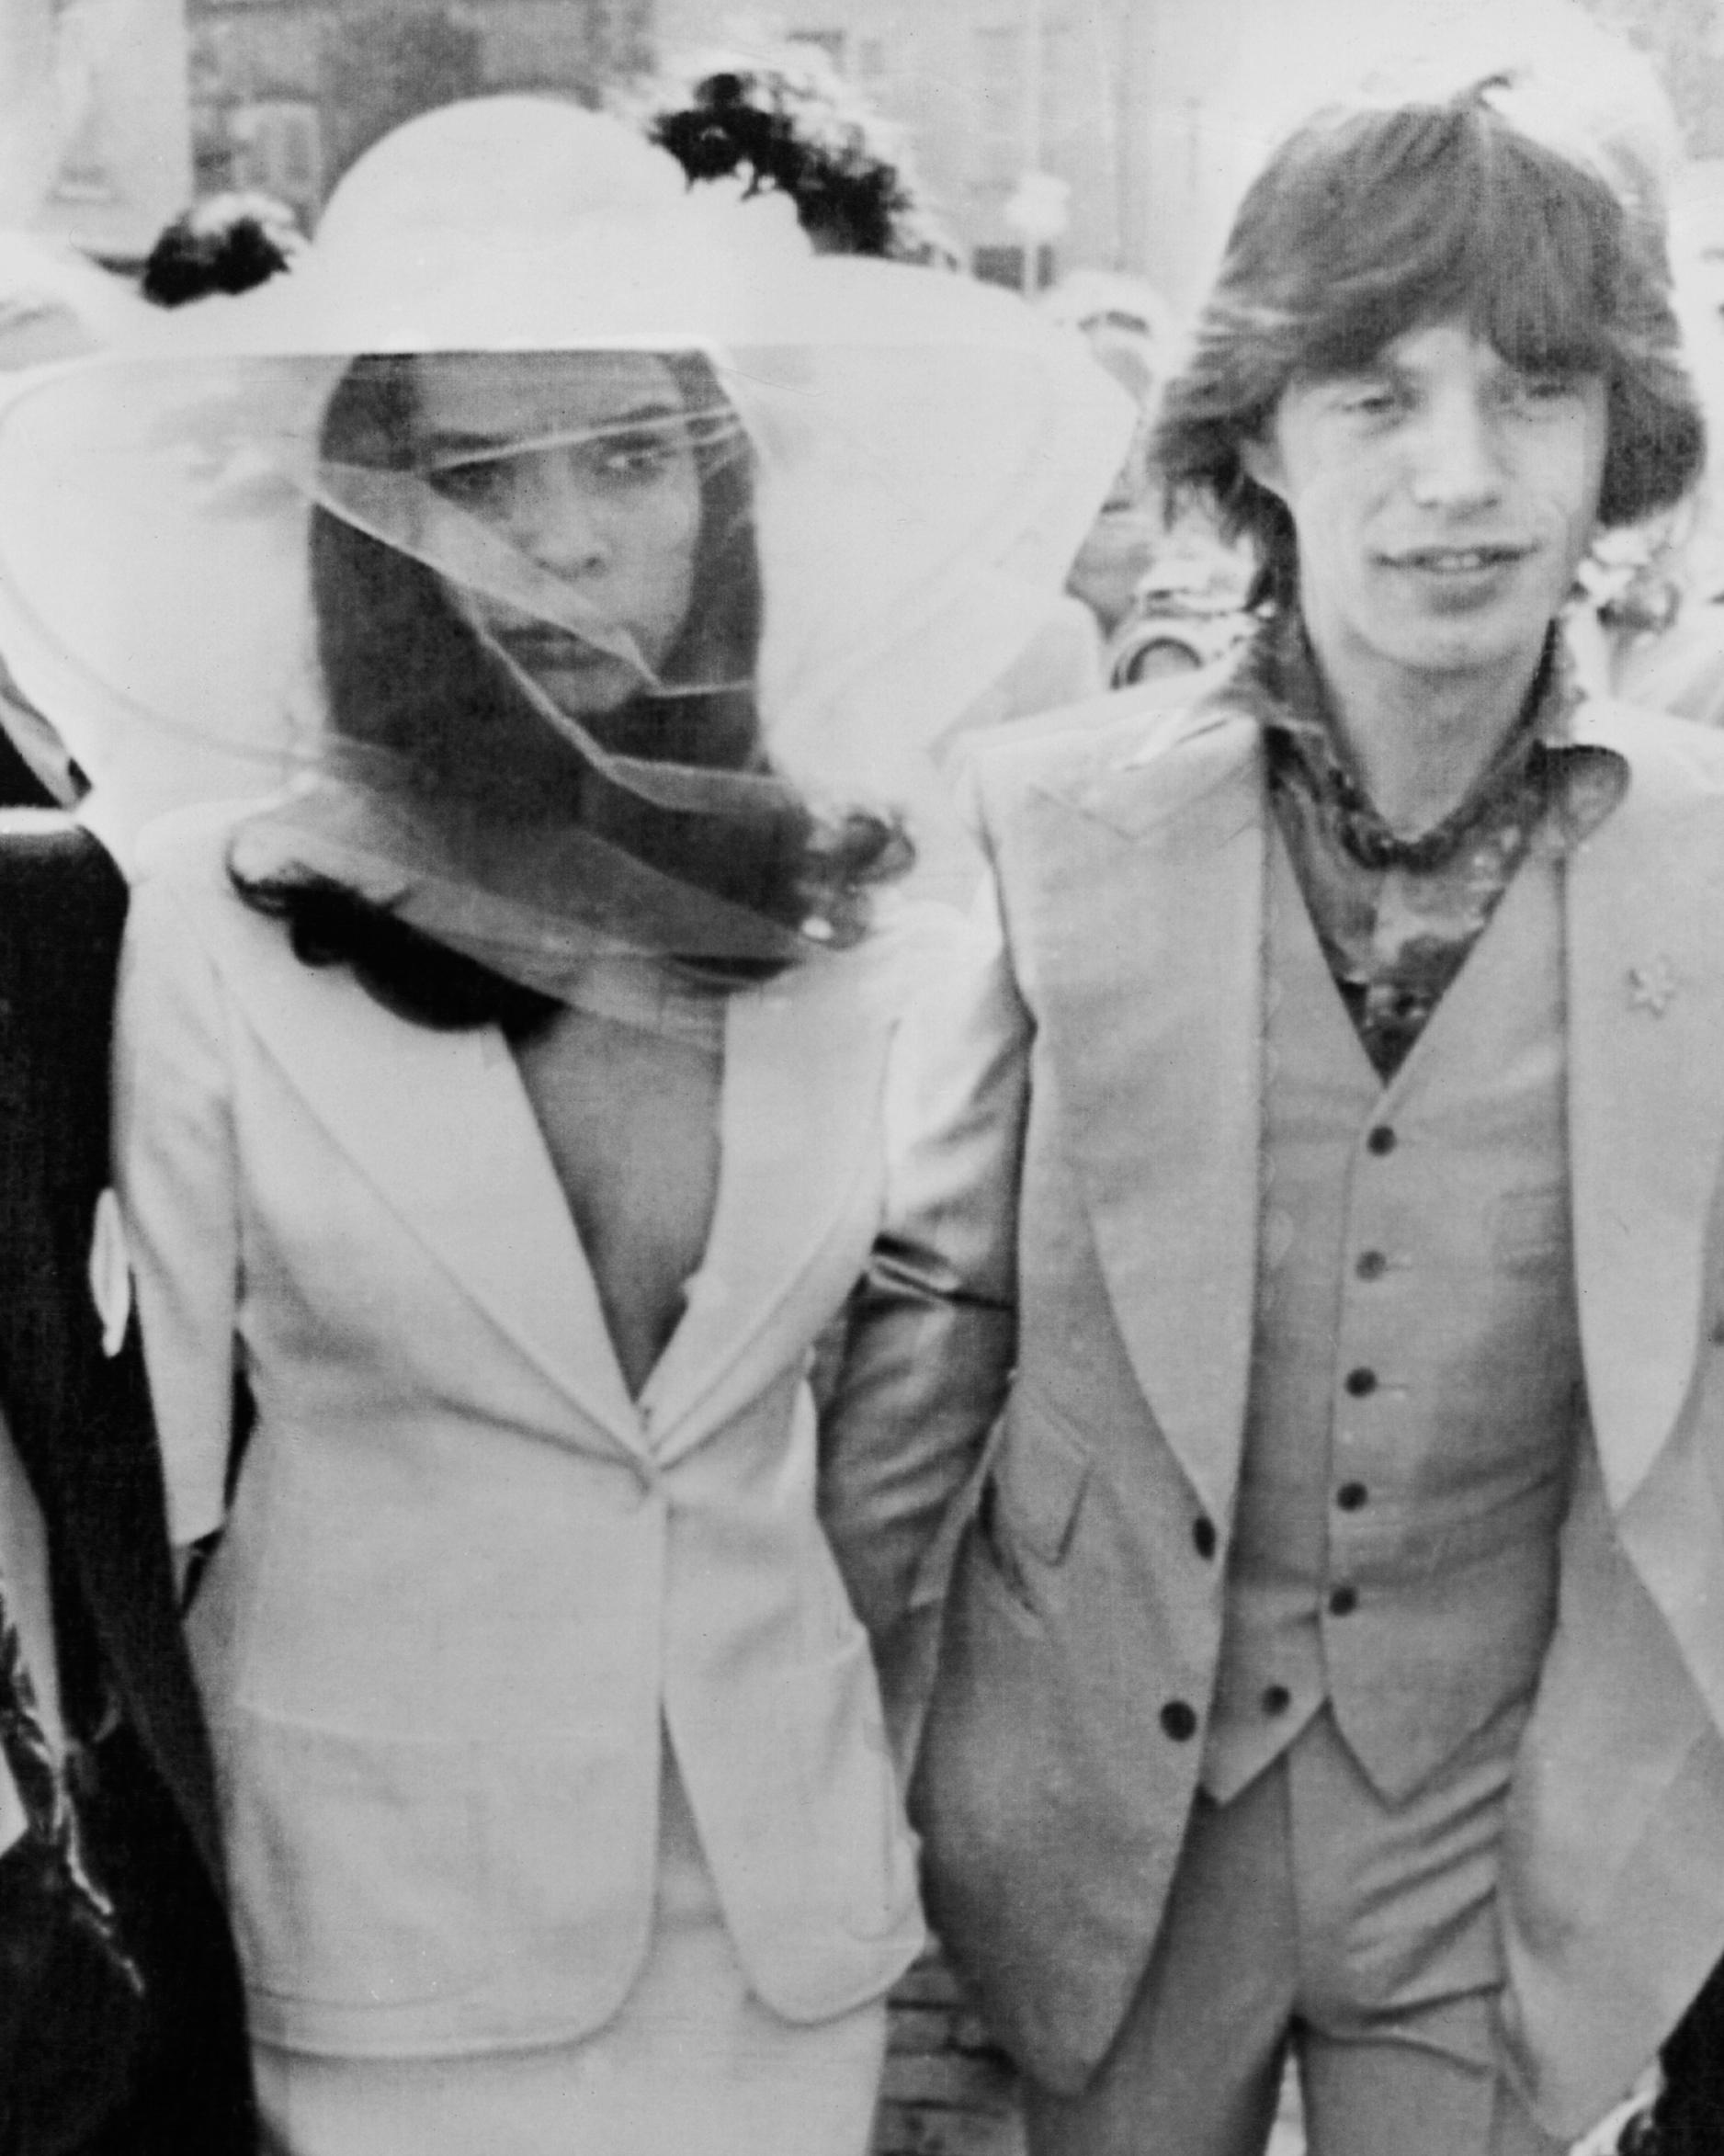 celebrity-brides-veils-bianca-macias-mick-jagger-0615.jpg